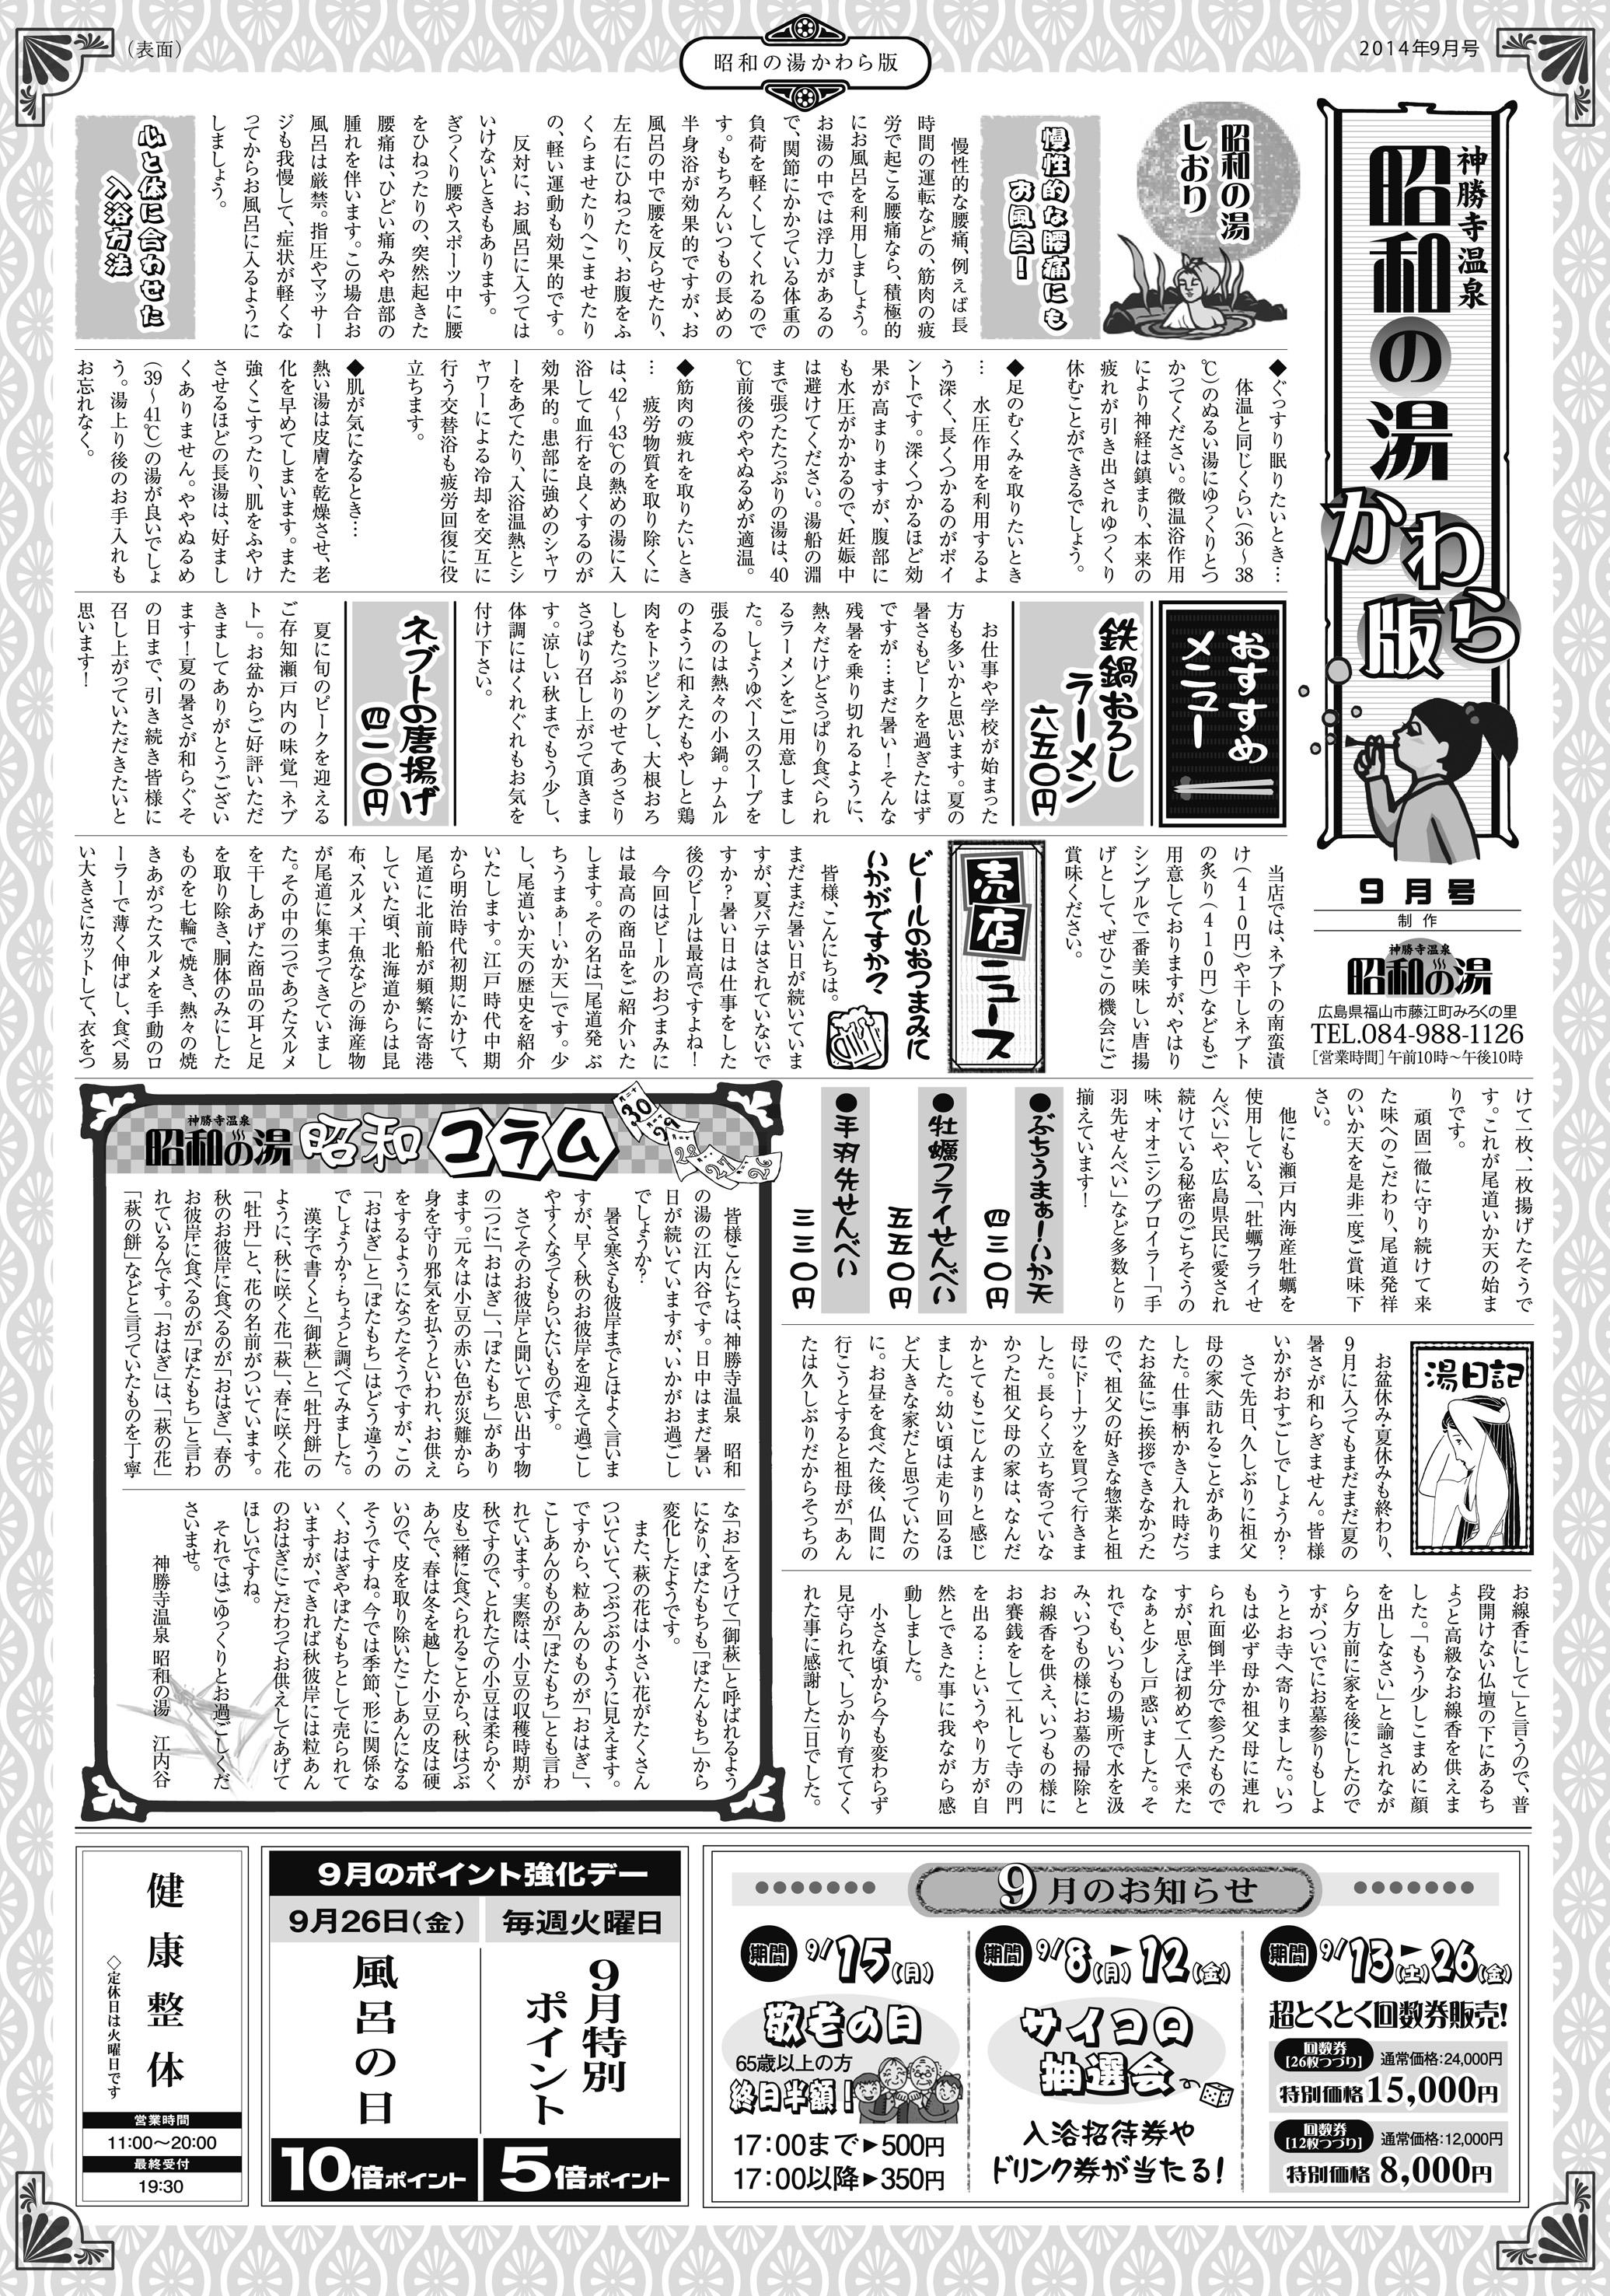 昭和の湯かわら版9月号 旬な情報・メニューが満載!